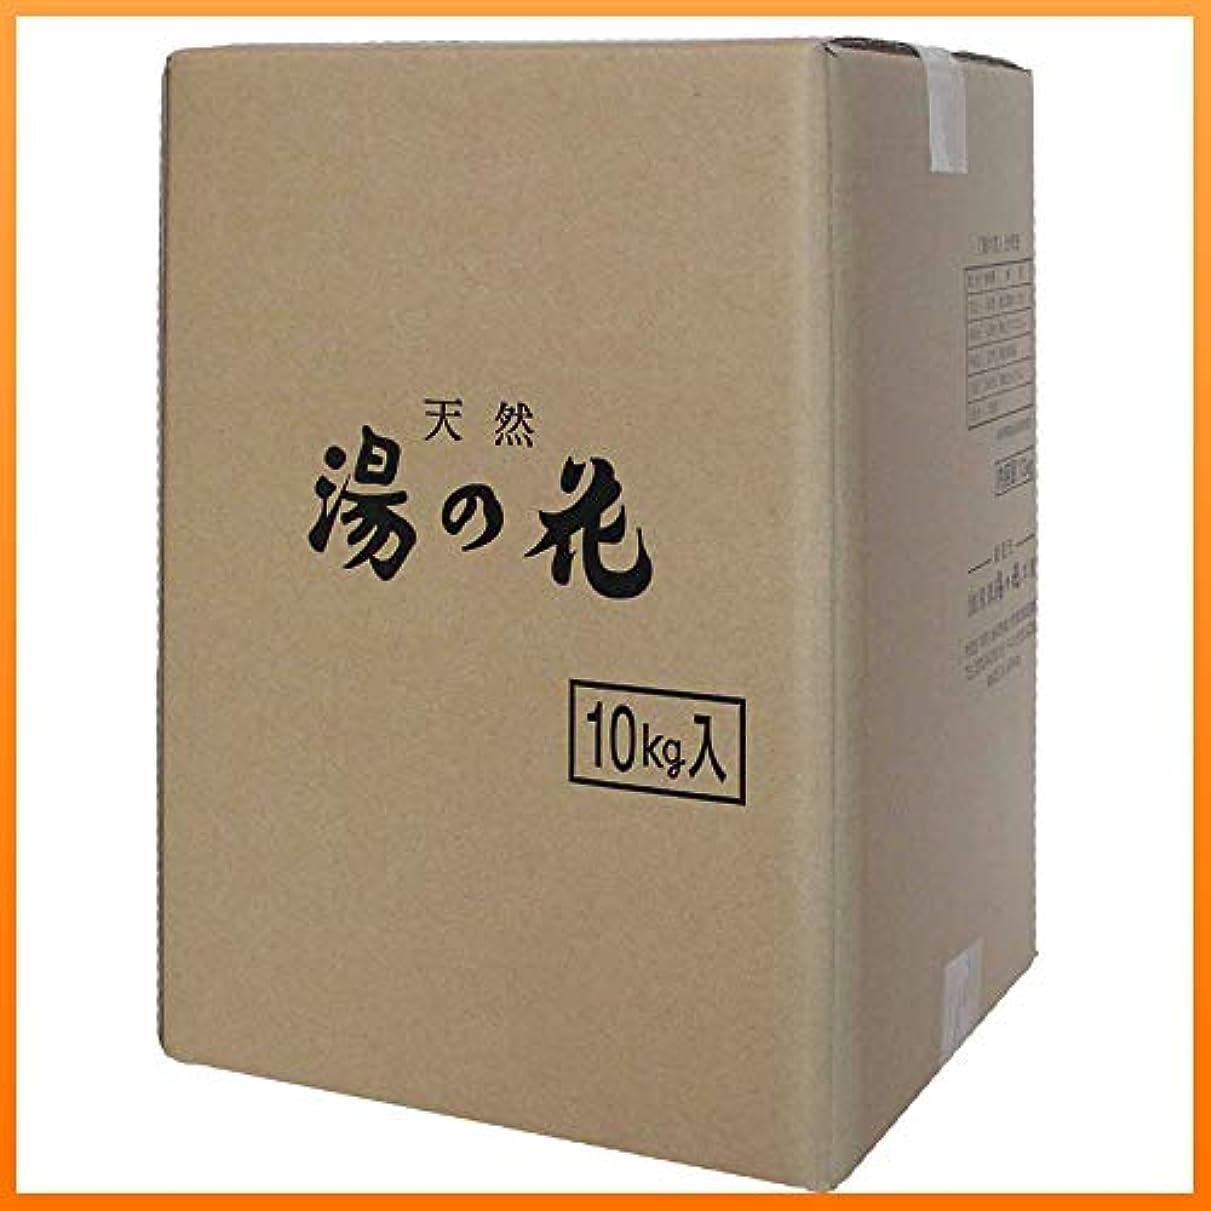 検出可能制限する同級生天然湯の花 (業務用) 10kg (飛騨高山温泉郷 にごり湯)